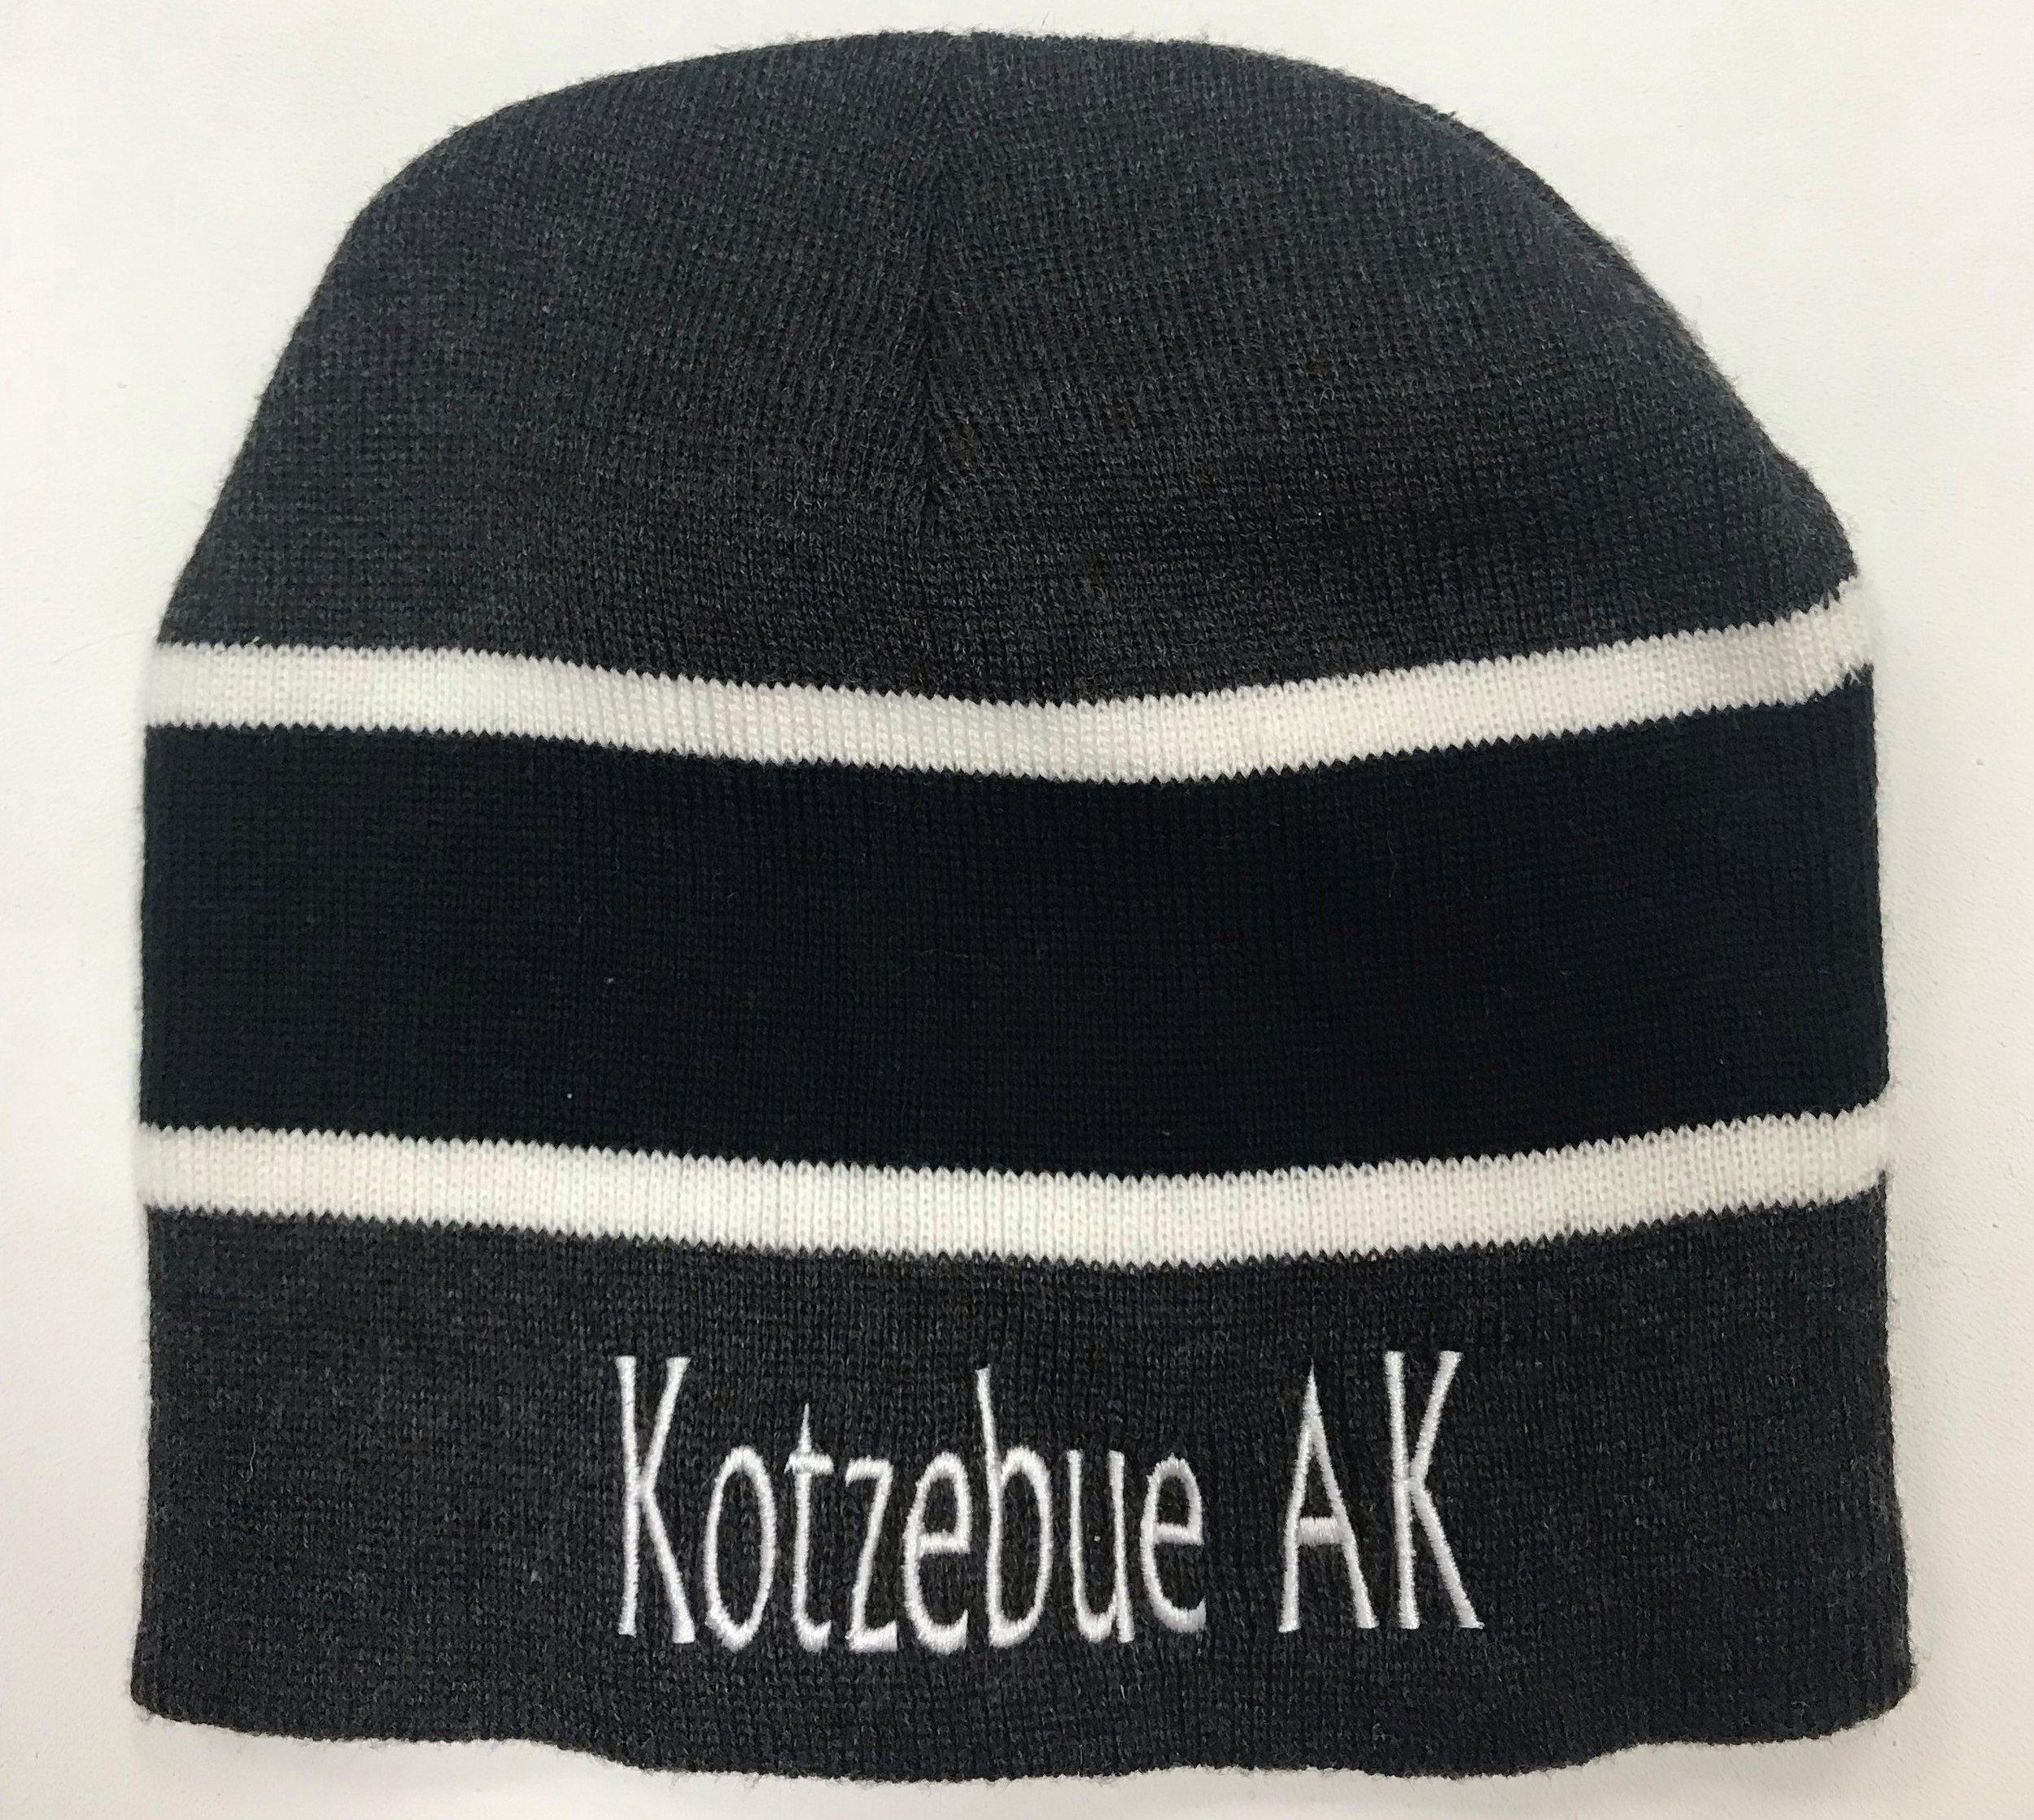 Kotzebue AK.jpg